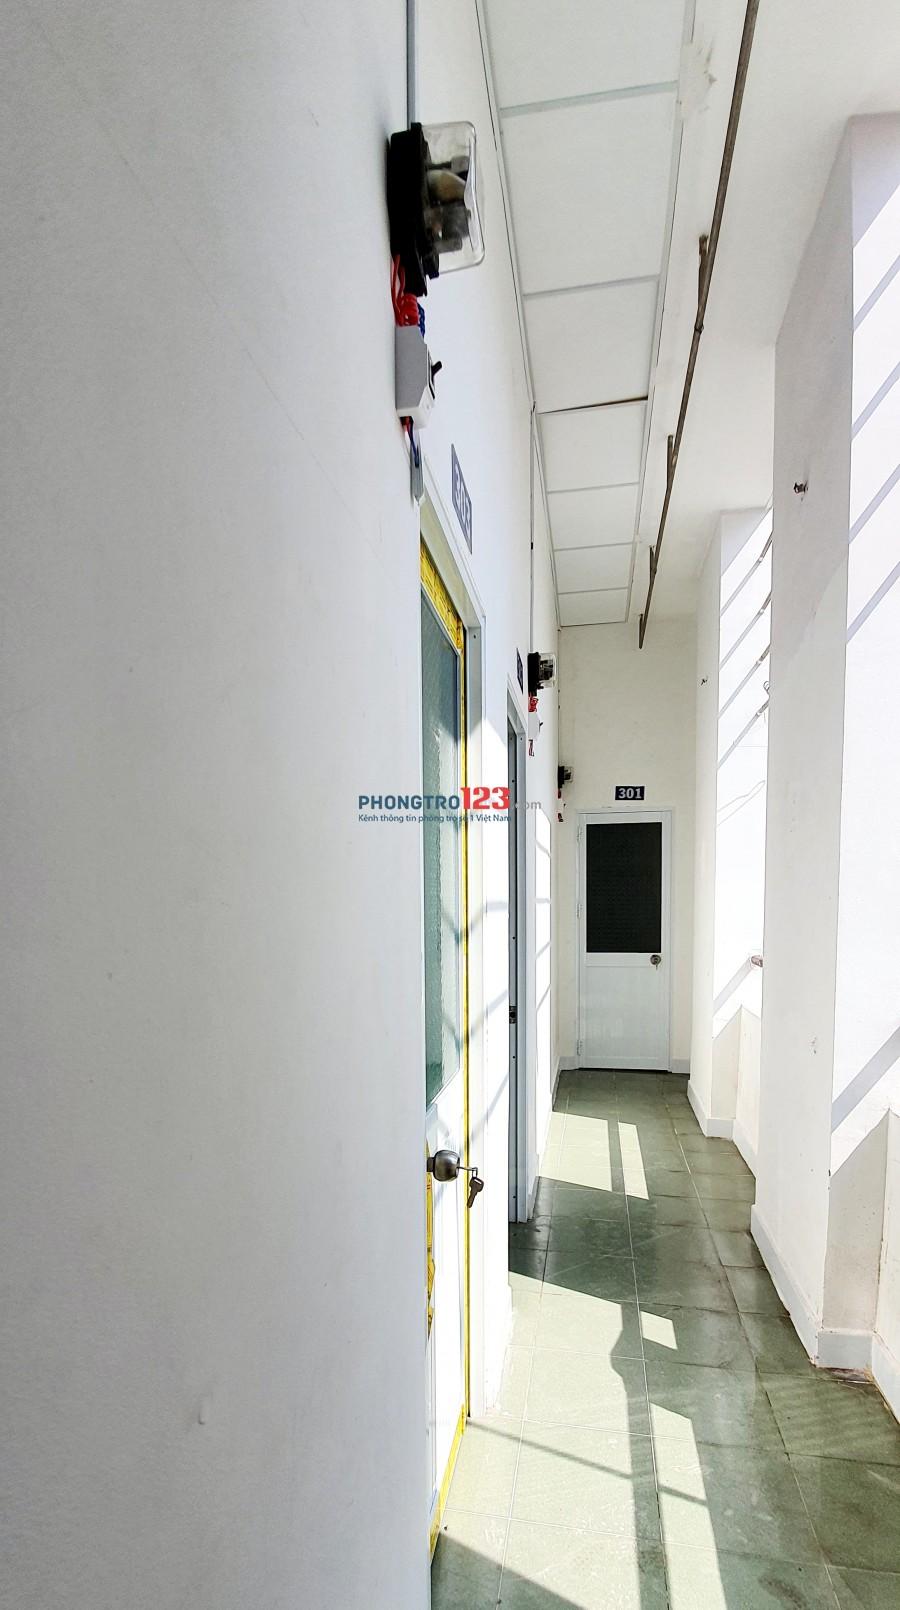 Nhà trọ giá rẻ 2.6 triệu, mặt tiền, ngay Chợ Bùi Văn Ba, qua KCX Tân Thuận 5 phút